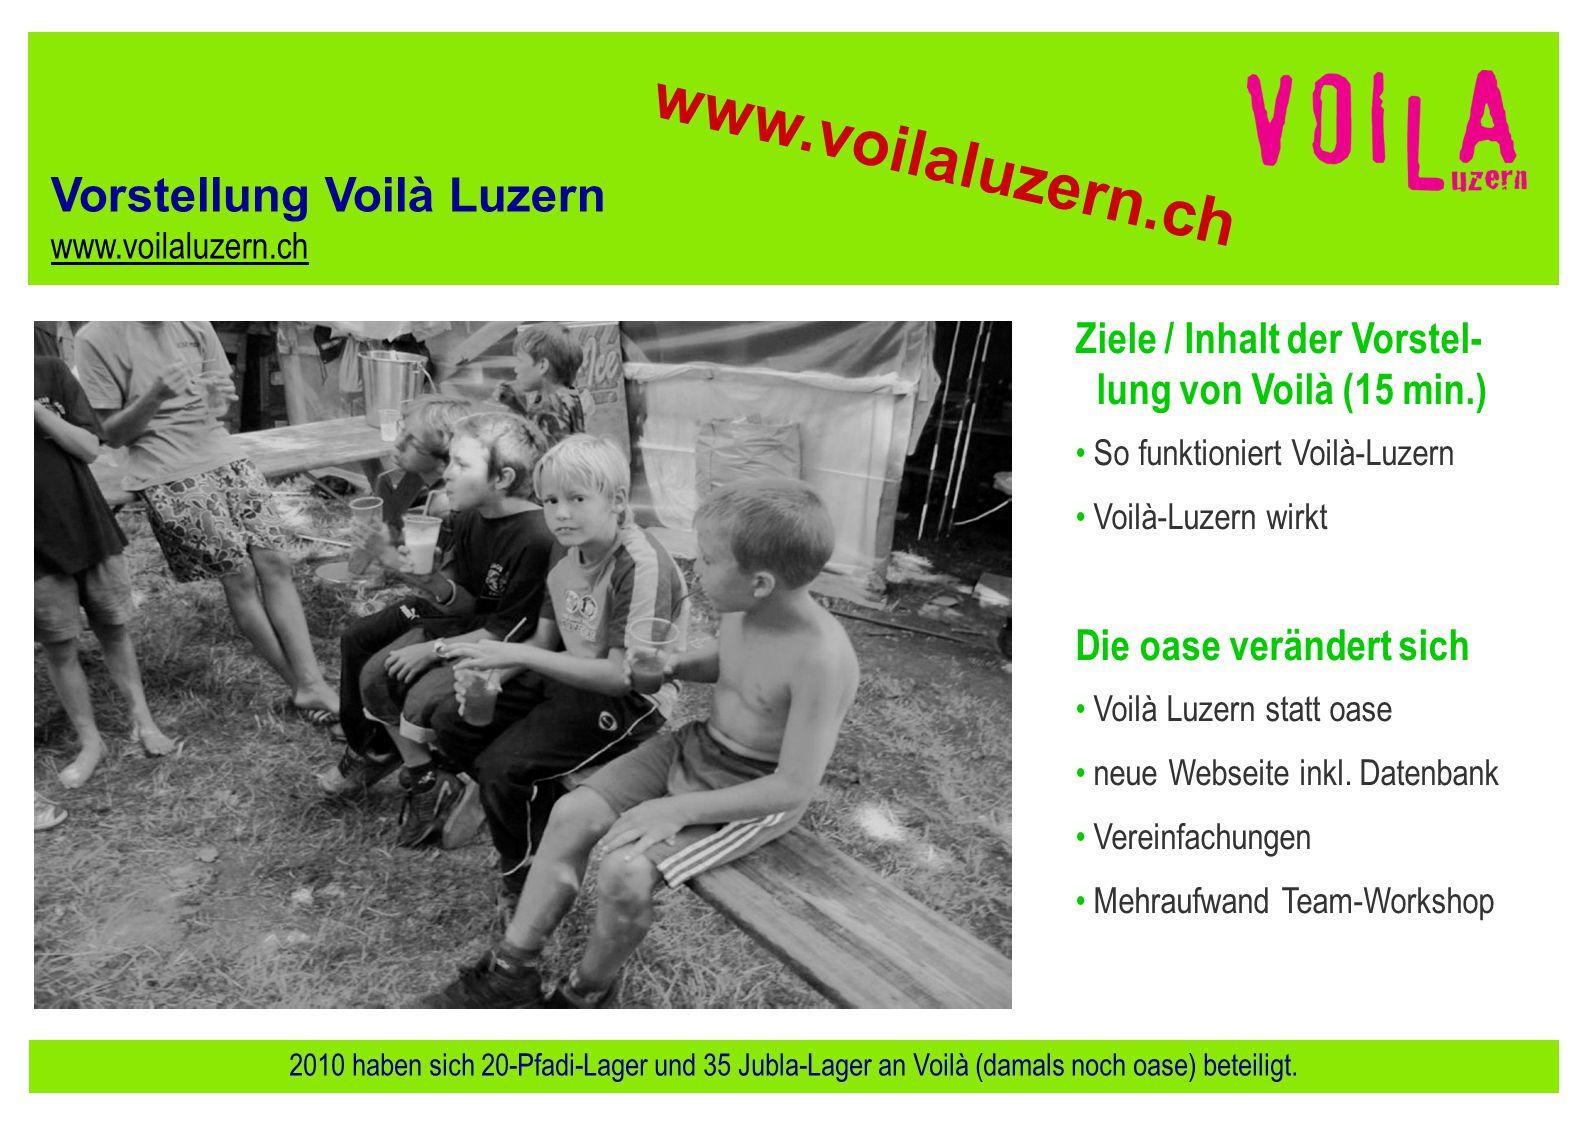 Vorstellung Voilà Luzern www.voilaluzern.ch Ziele / Inhalt der Vorstel- lung von Voilà (15 min.) So funktioniert Voilà-Luzern Voilà-Luzern wirkt Die o